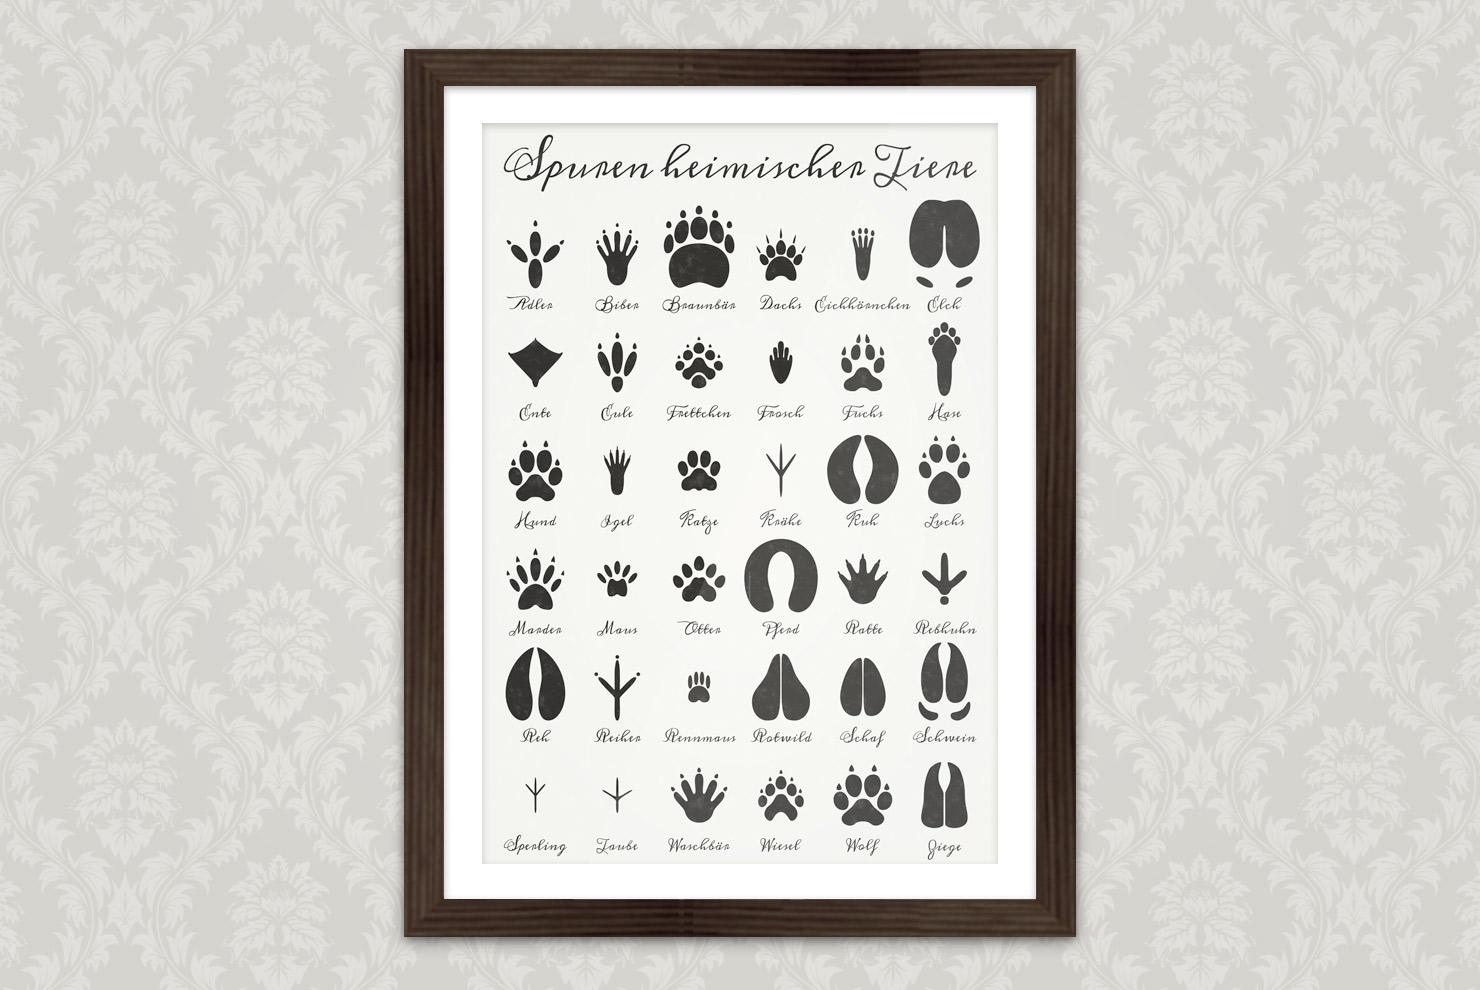 Poster mit Infografik zur Bestimmung von Tierspuren, den Spuren heimischer Tiere, mit Handschrift